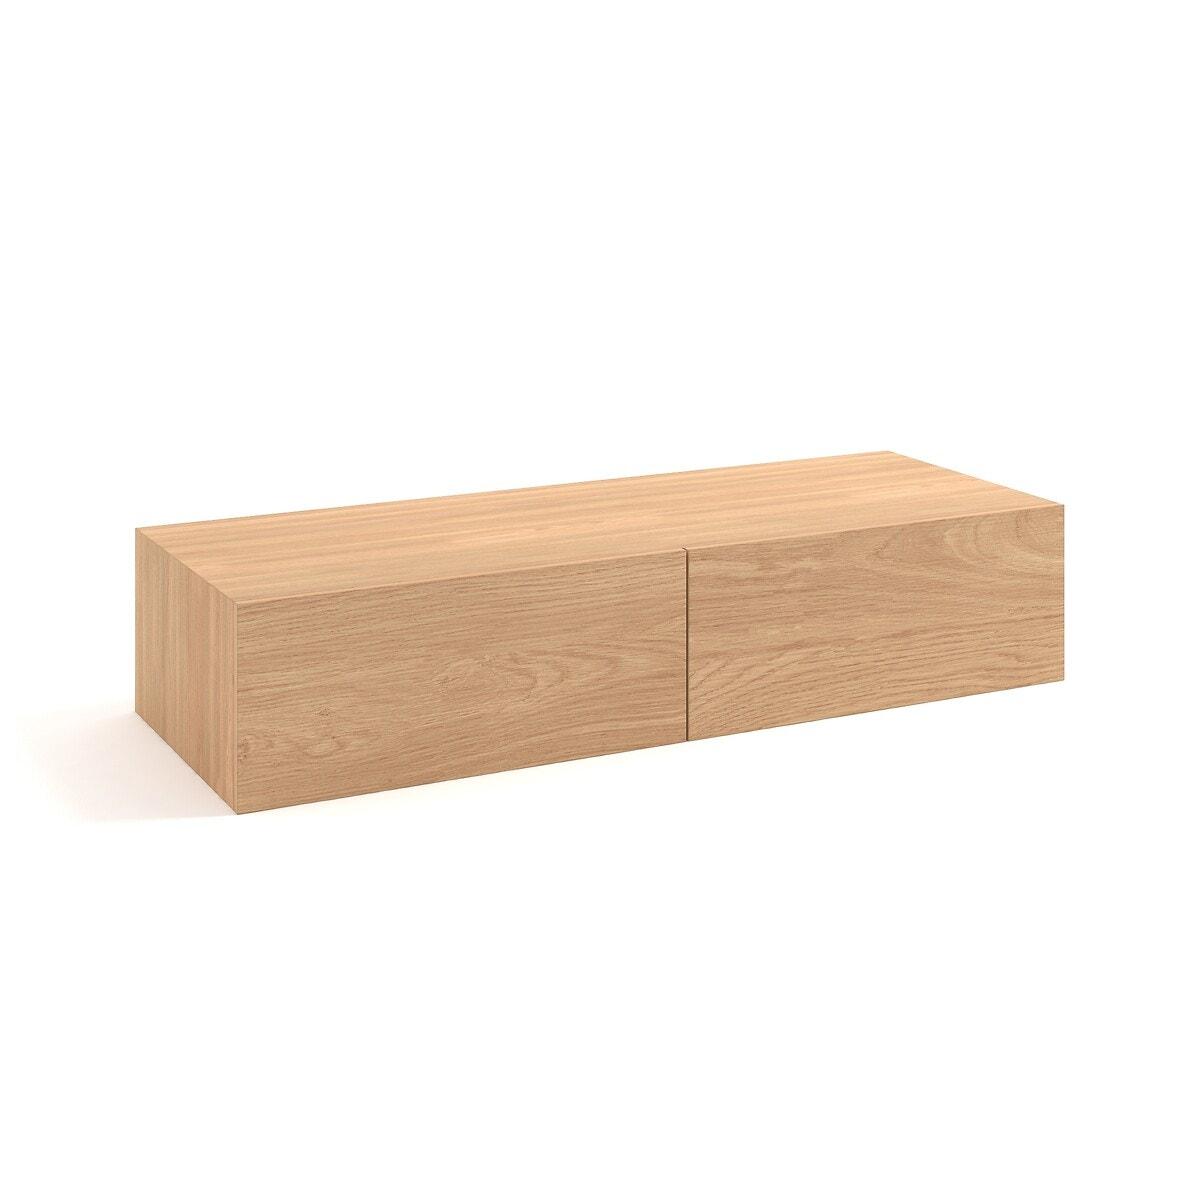 Συρτάρι για σύνθεση ντουλάπας, Johanez